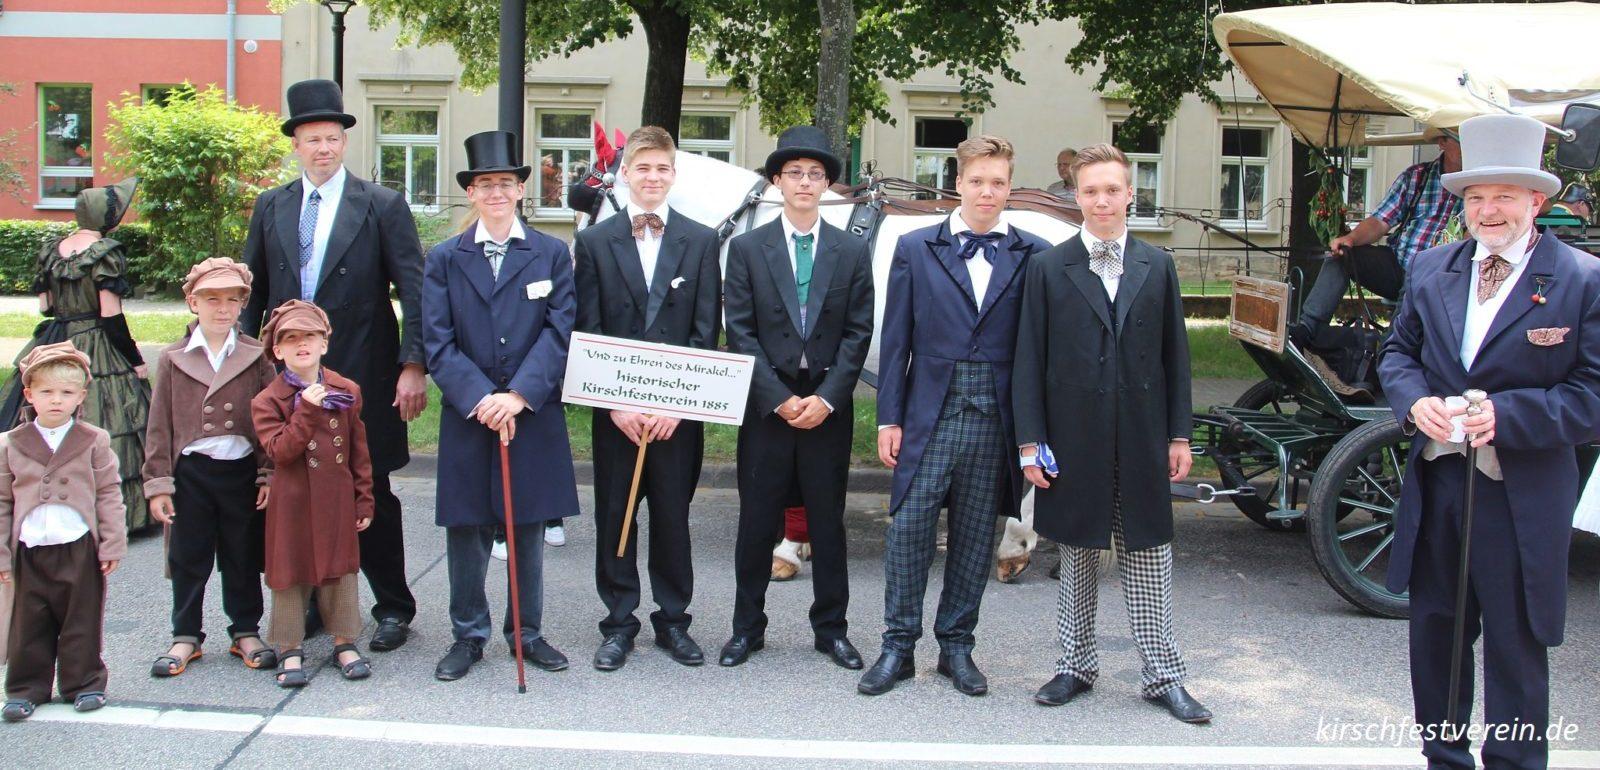 Willkommen beim Kirschfestverein Naumburg e.V.